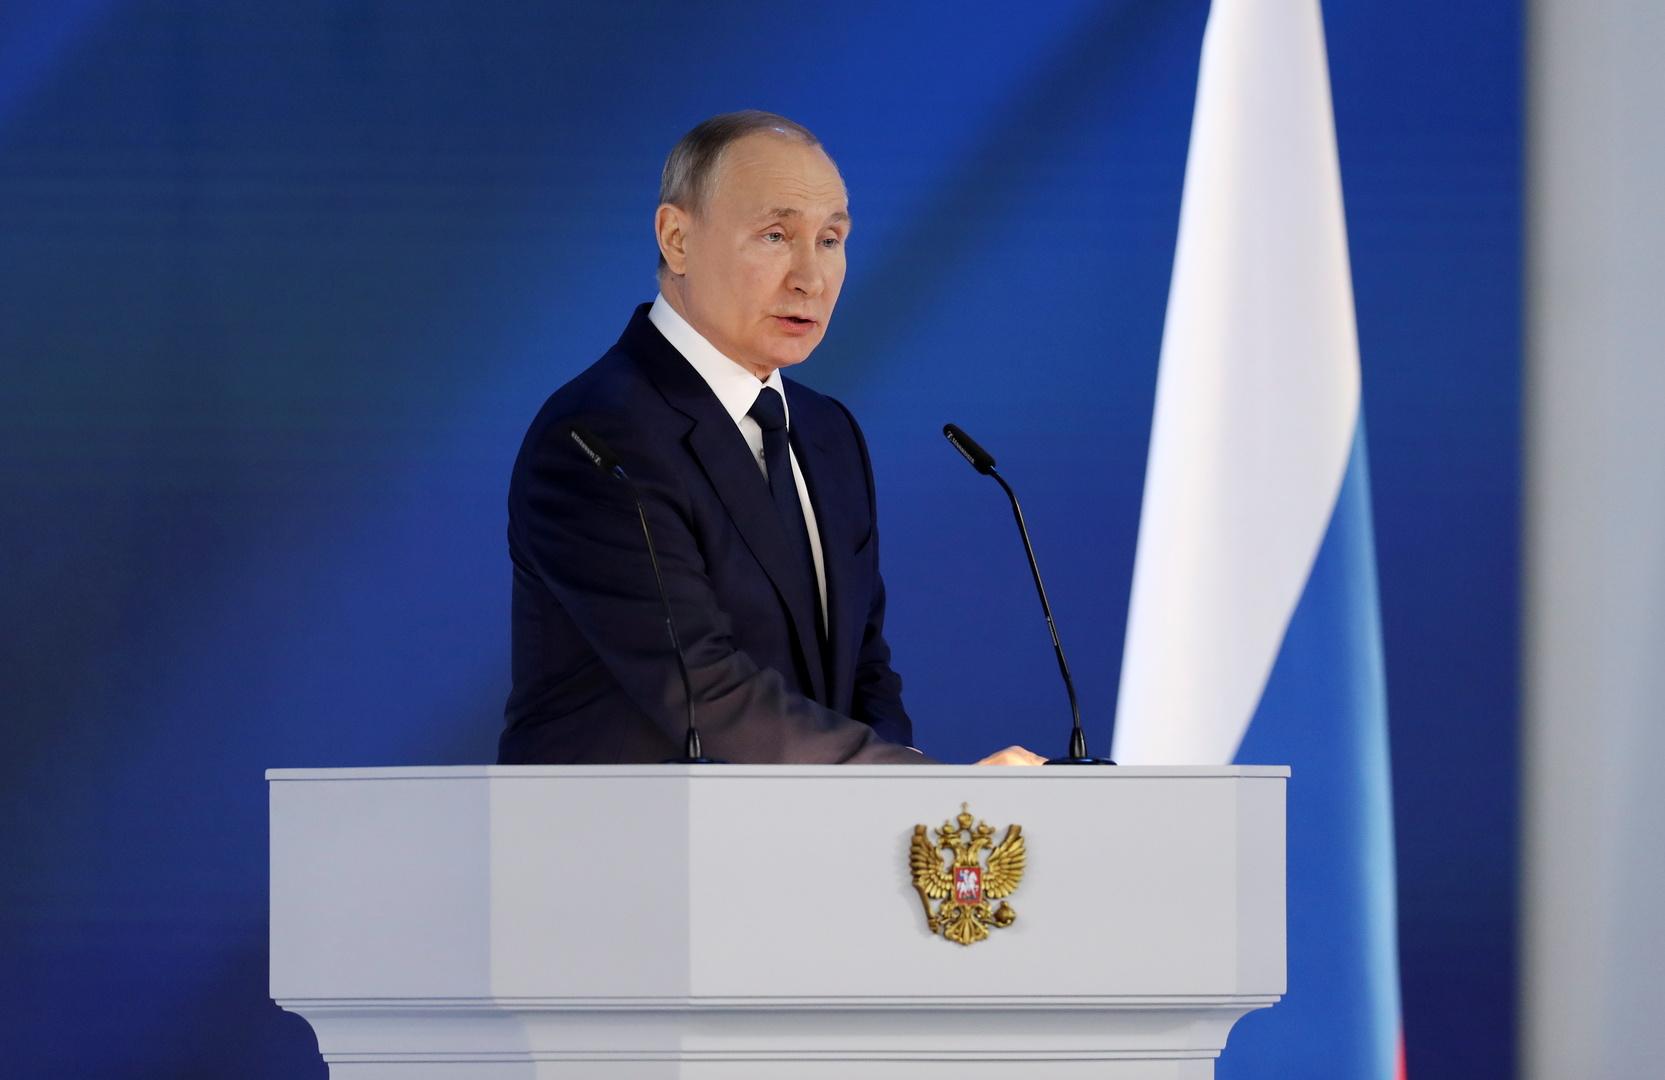 بوتين للبرلمان الروسي: تعاملنا بتضامن مع كورونا ونحتاج لردع وبائي راسخ تحسبا لجوائح محتملة